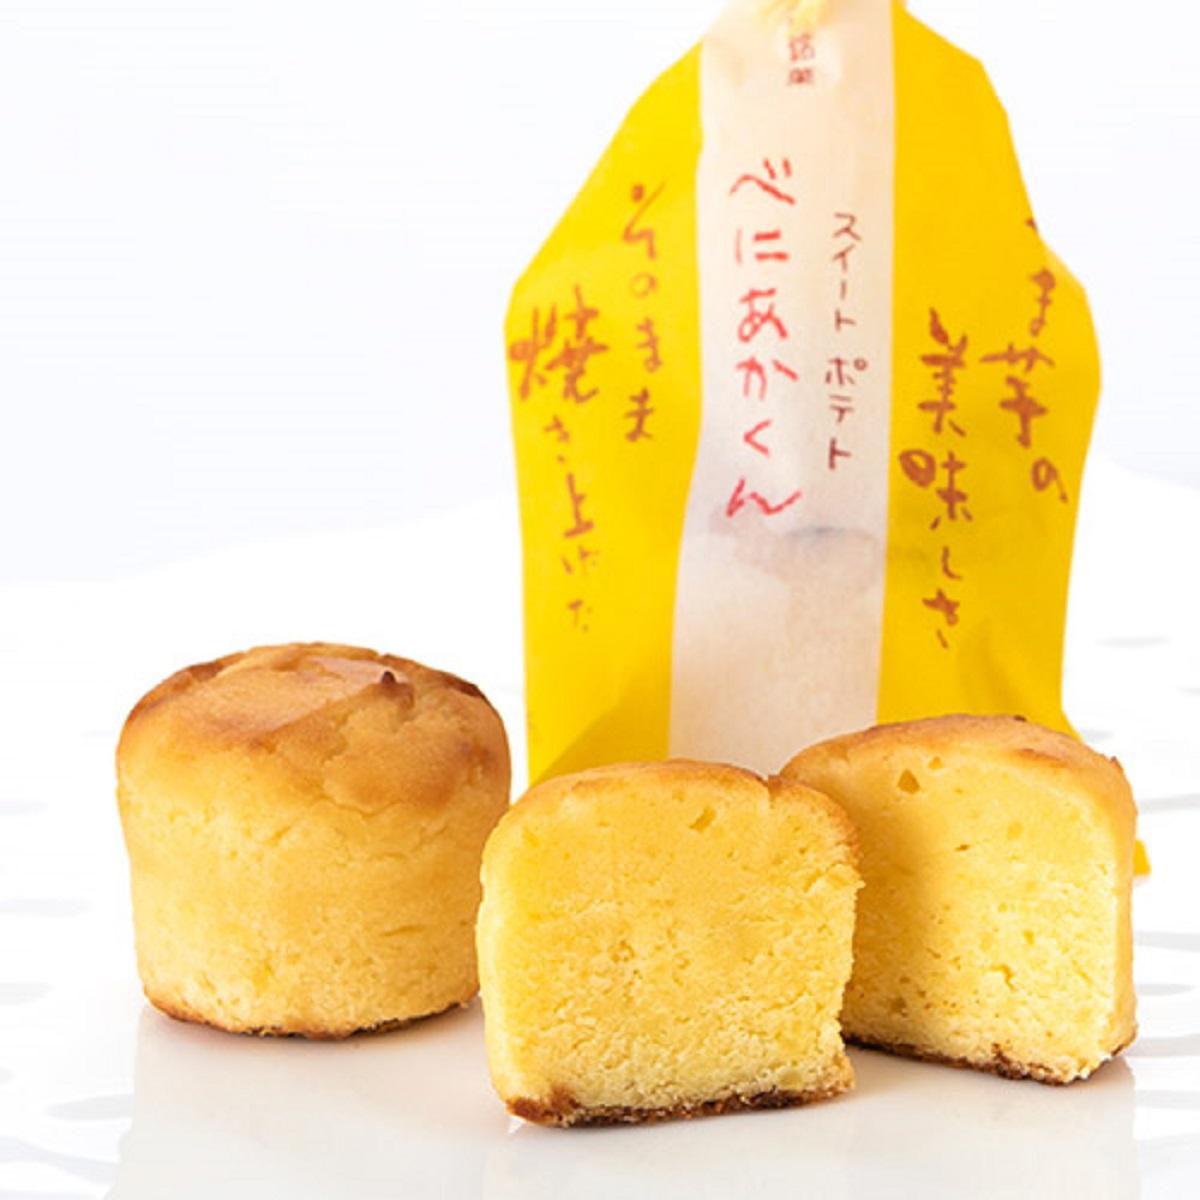 ร้านขนมมันหวานที่เมืองคาวาโกเอะ จ.ไซตามะ - ร้าน Kuradukuri สาขา Kawagoeshi ekimae